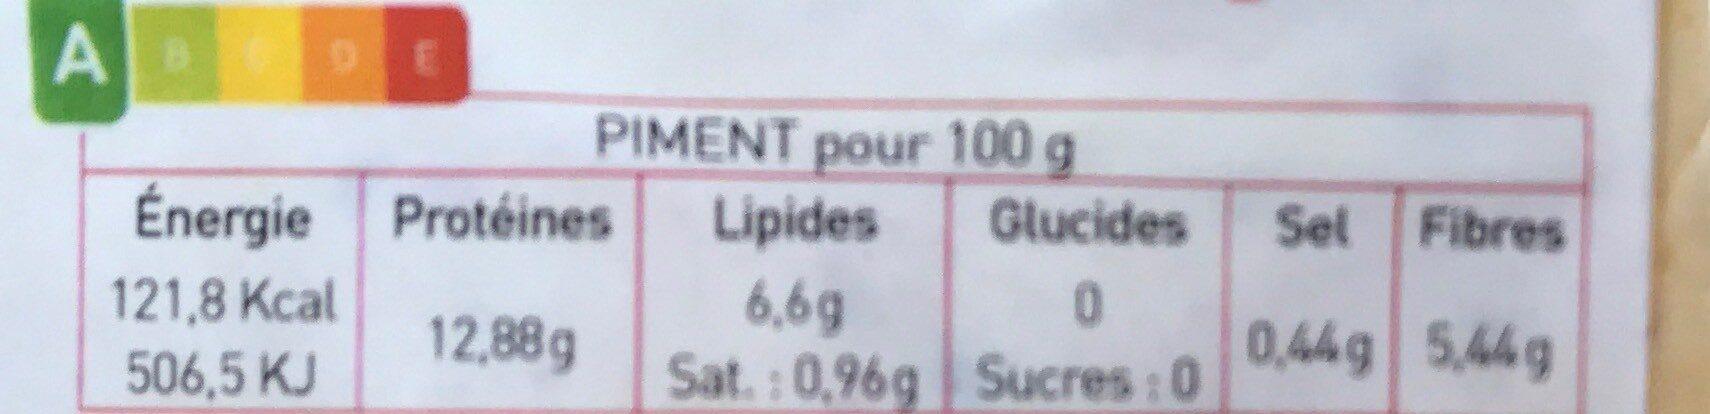 Tofu Piment d'espelette & ail des ours - Voedingswaarden - fr